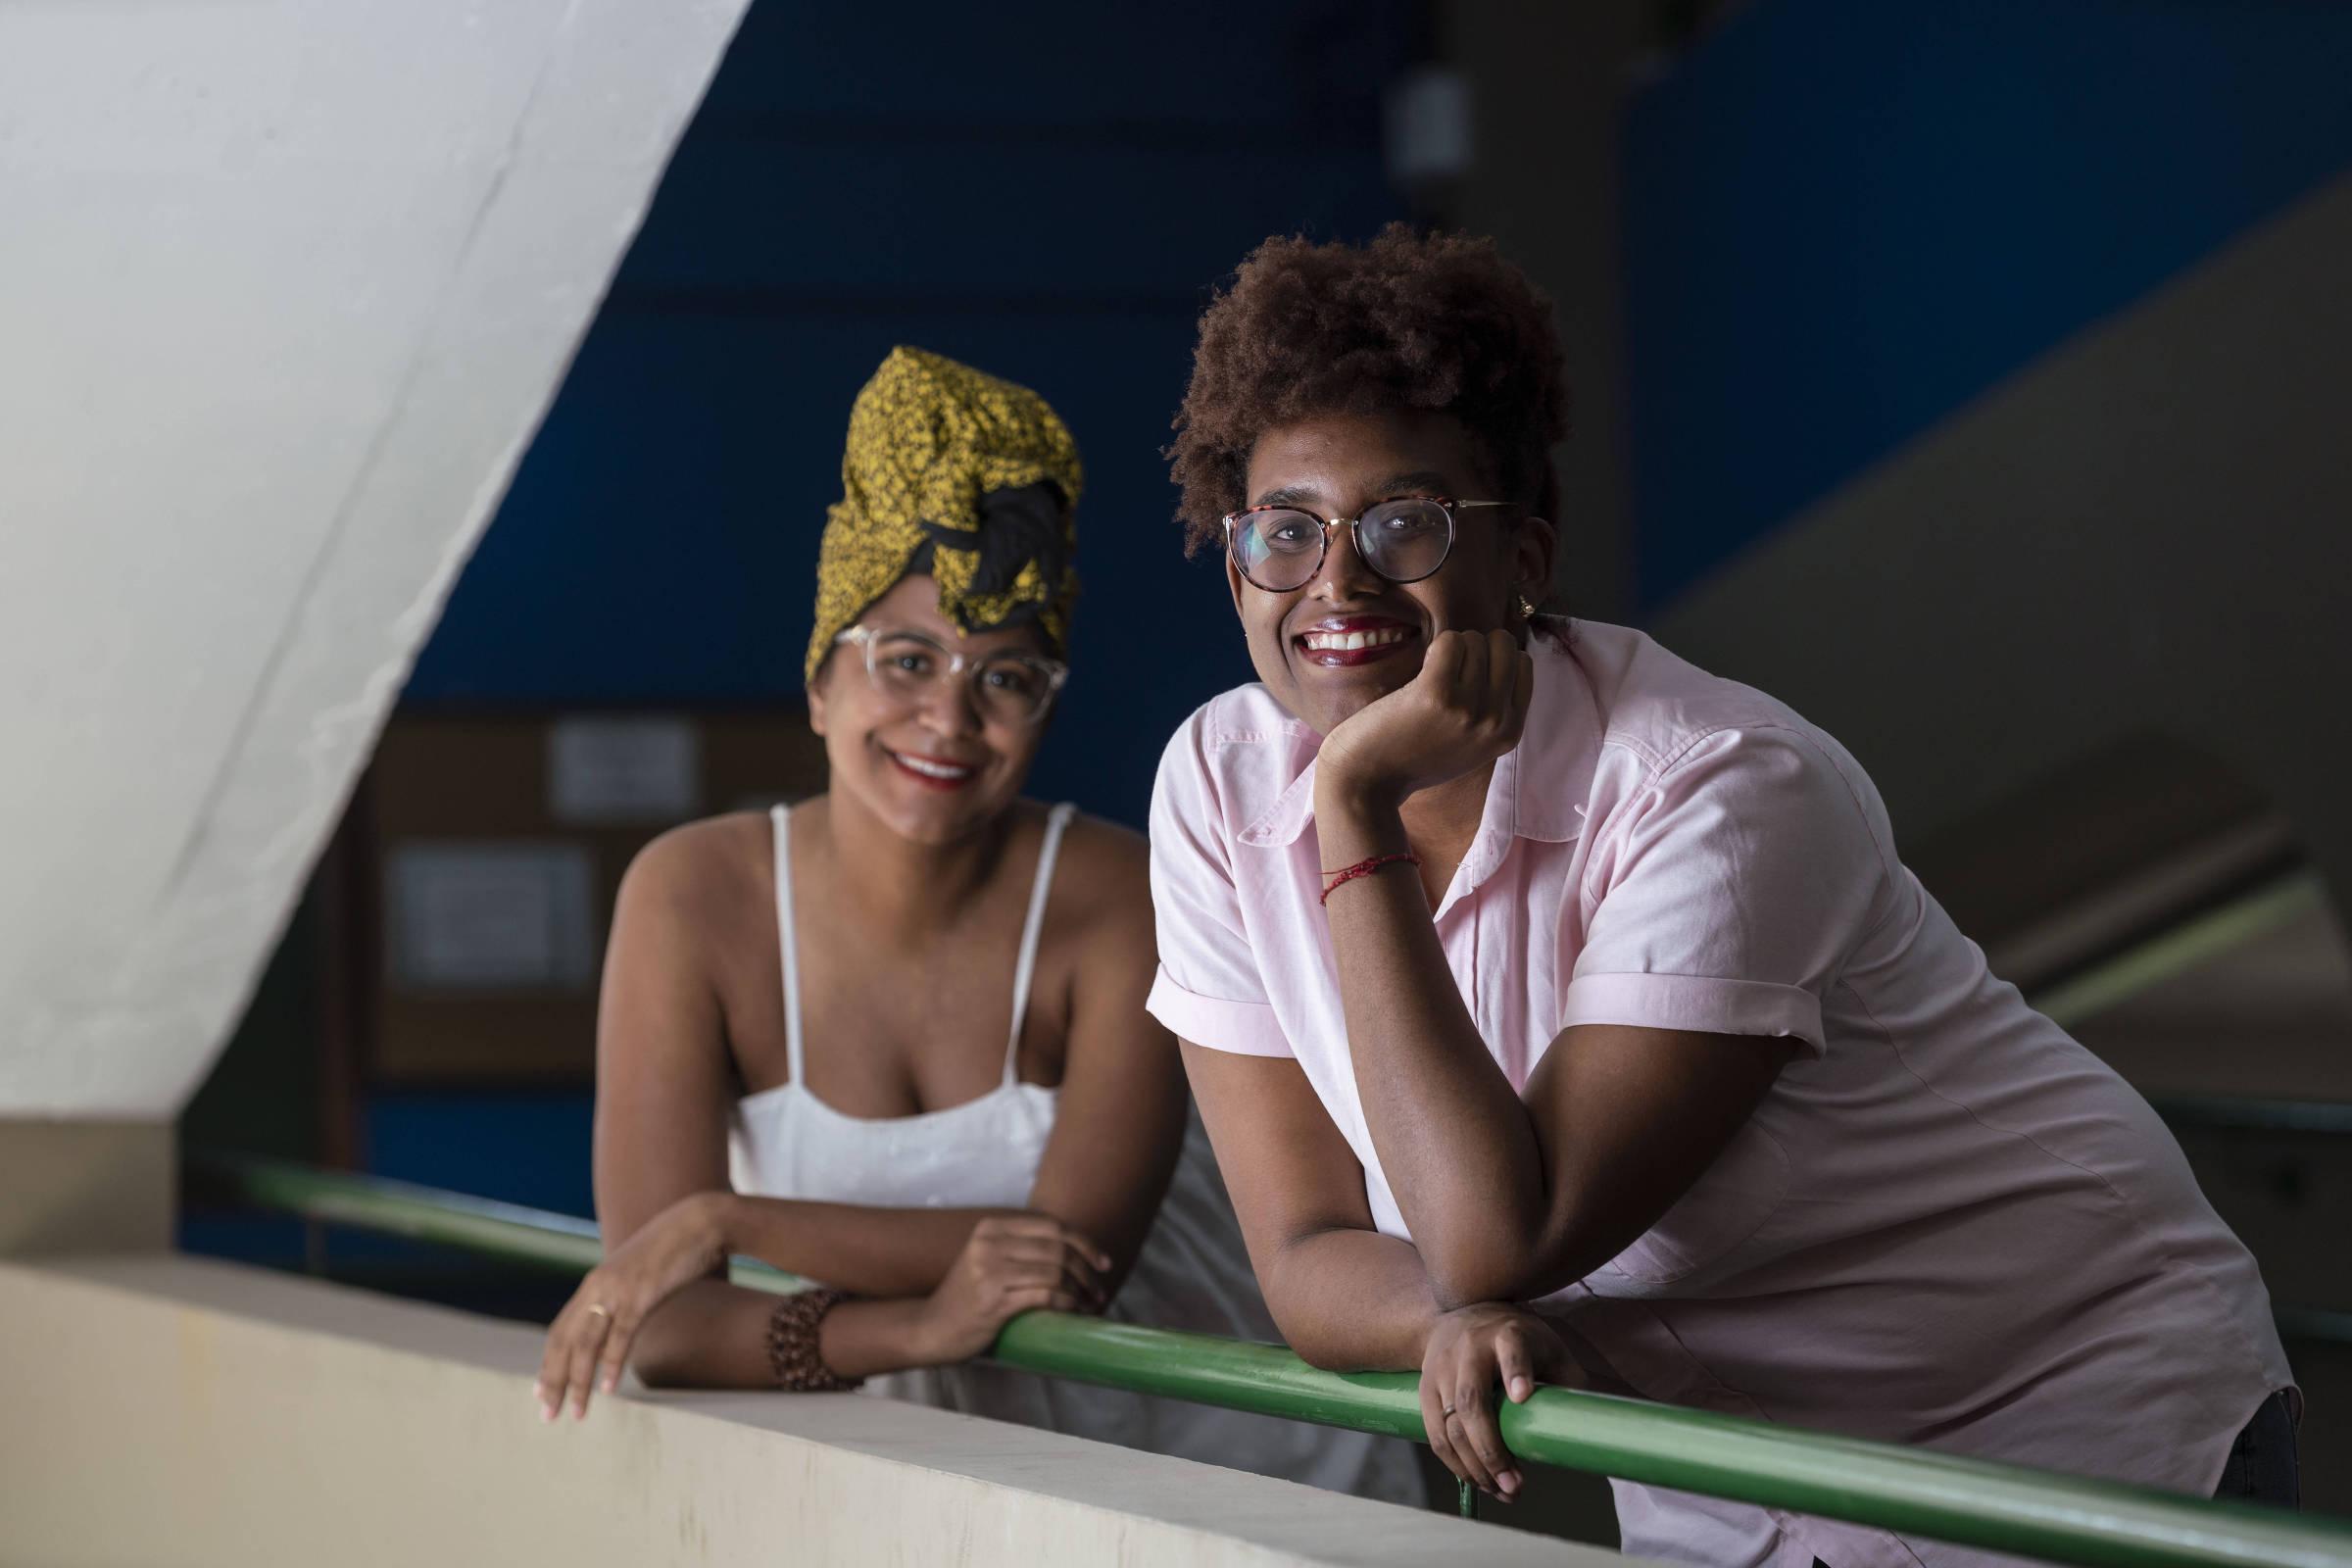 Sharah Luciano, 23, de rosa, e Daiane de Medeiros, 28, que apresentarão estudo em Harvard - Ricardo Borges/Folhapress